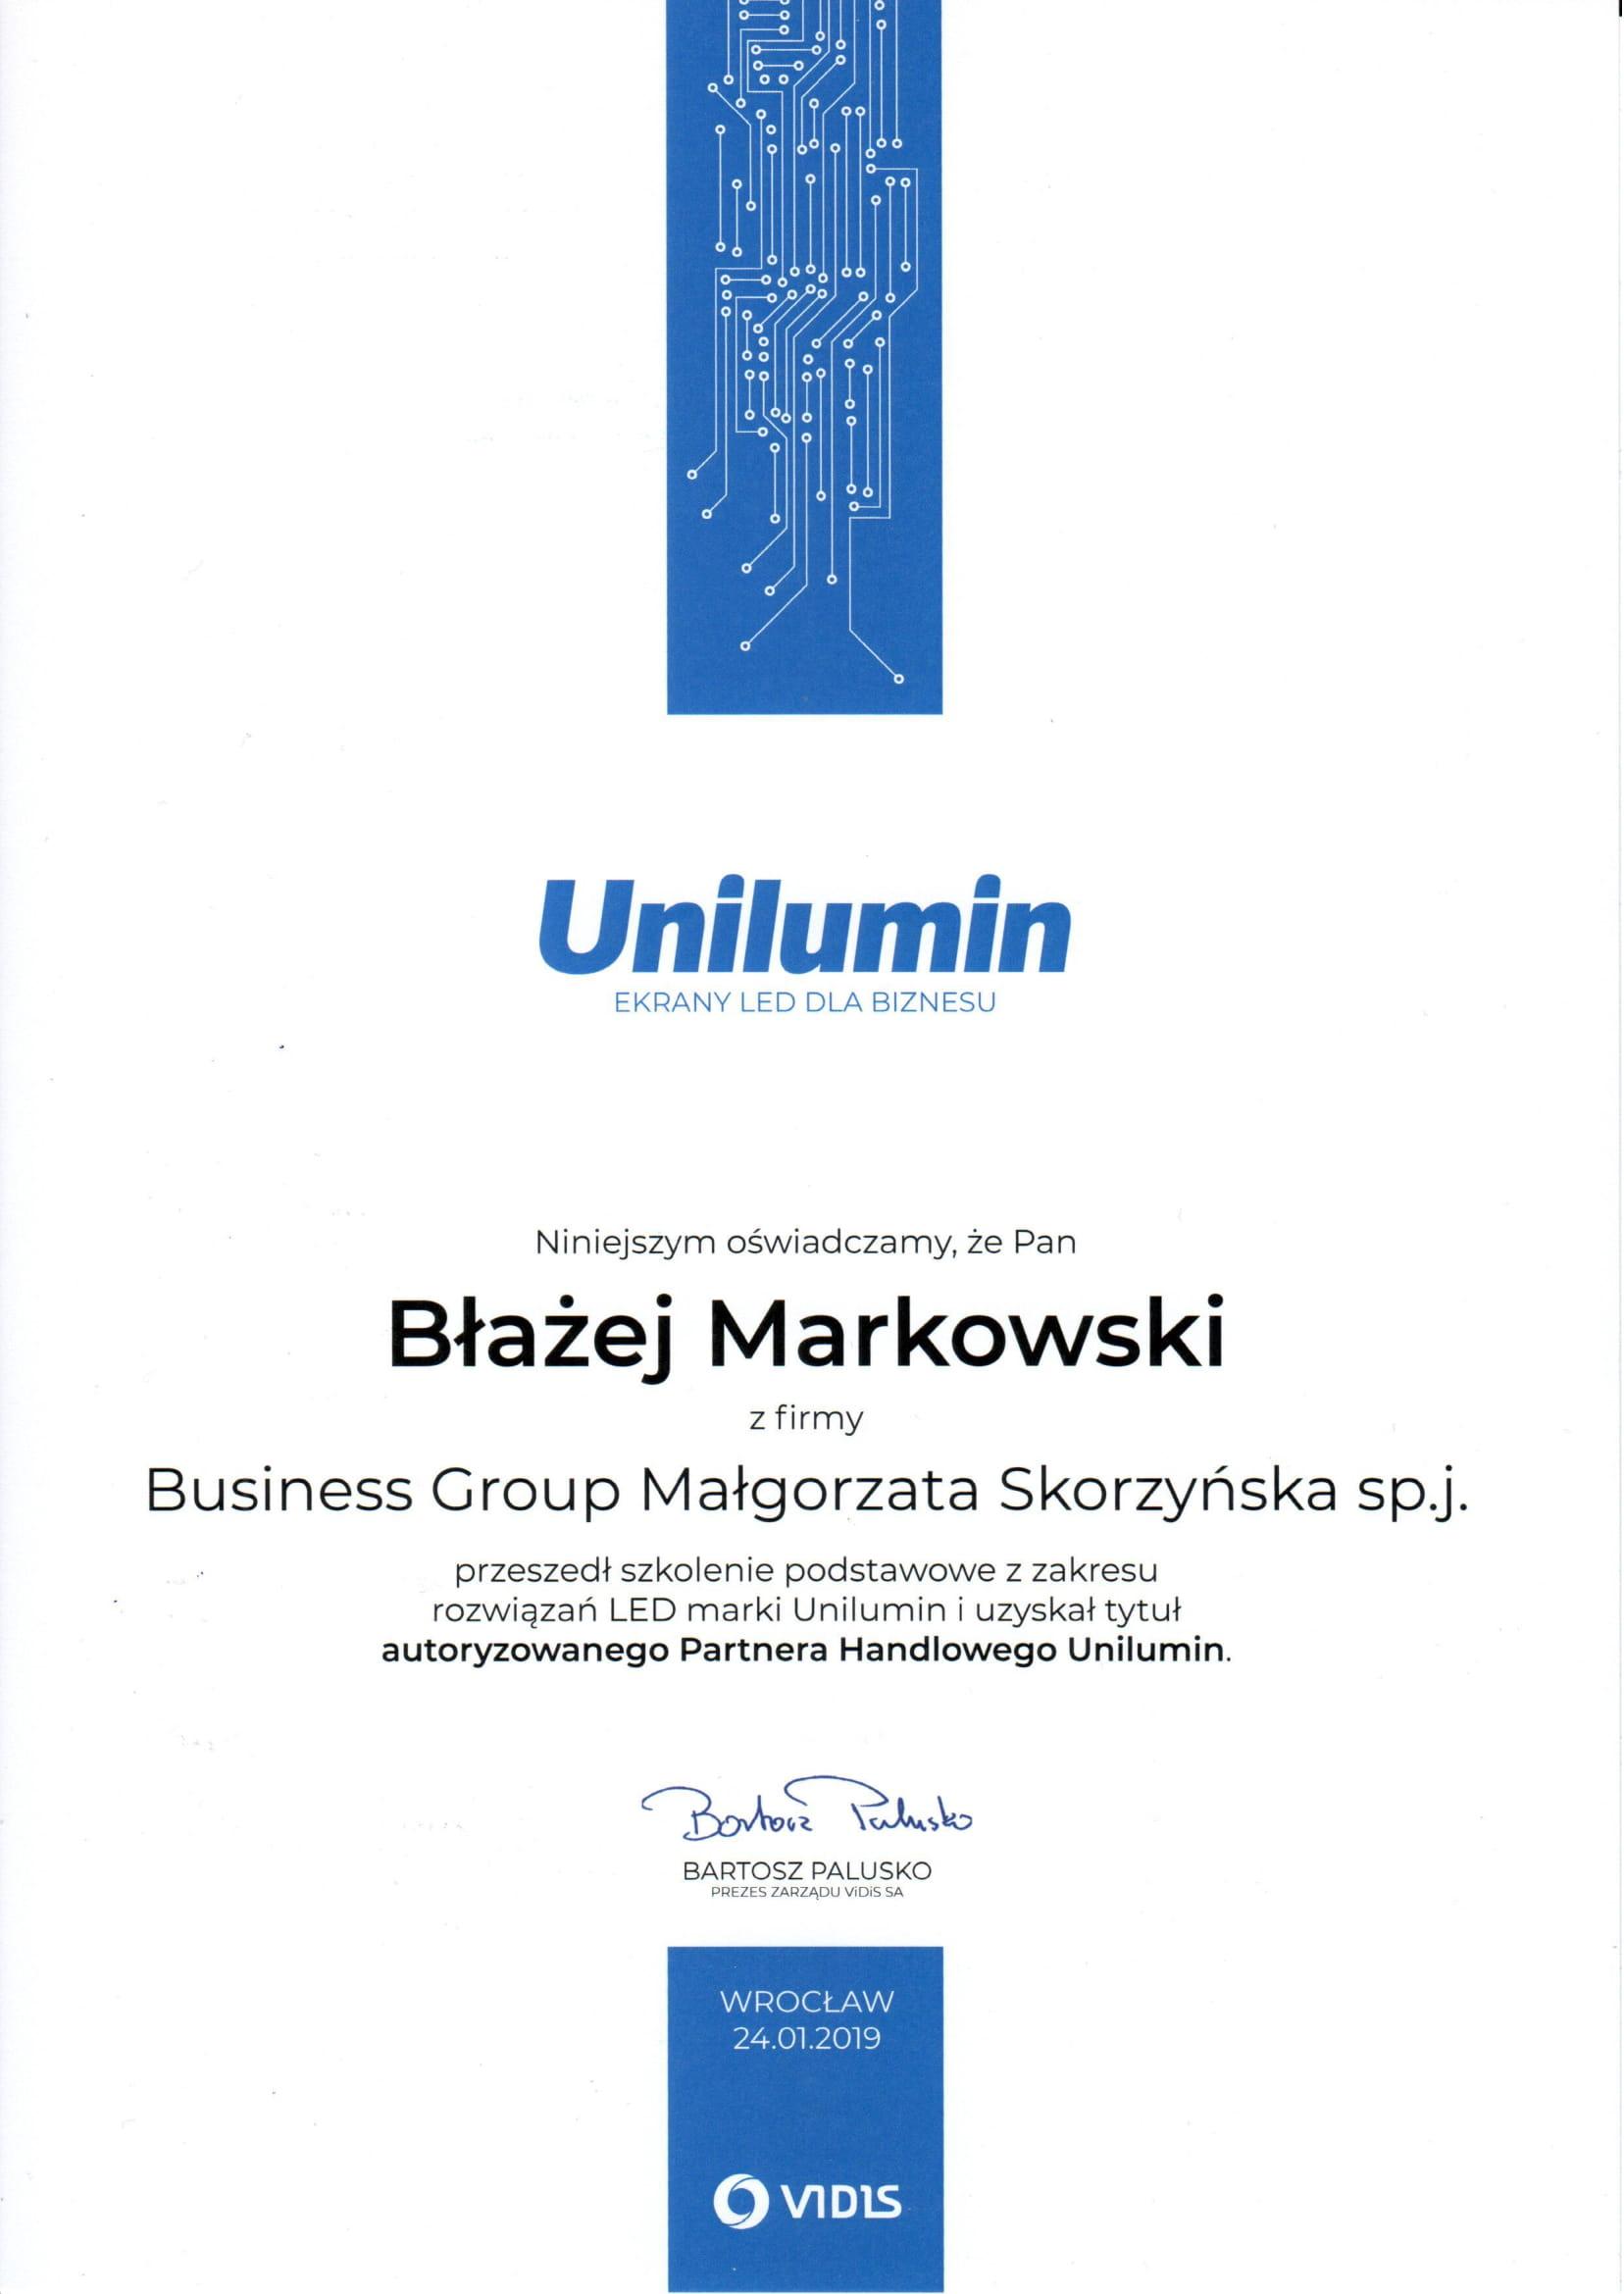 Certyfikat Unilumin